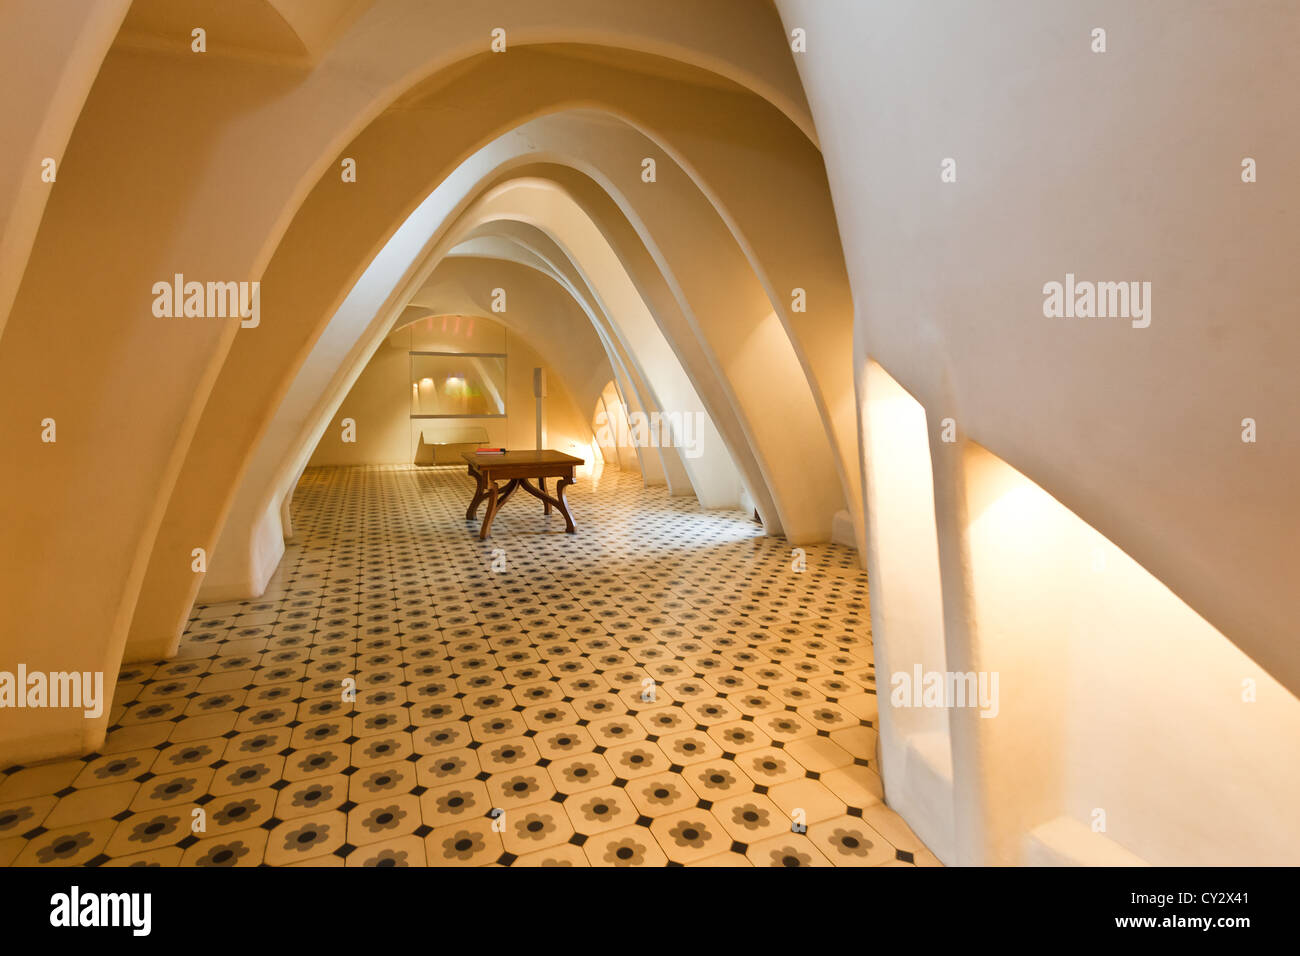 Camera dotata di illuminato archi parabolici nel soffitto e mosaico